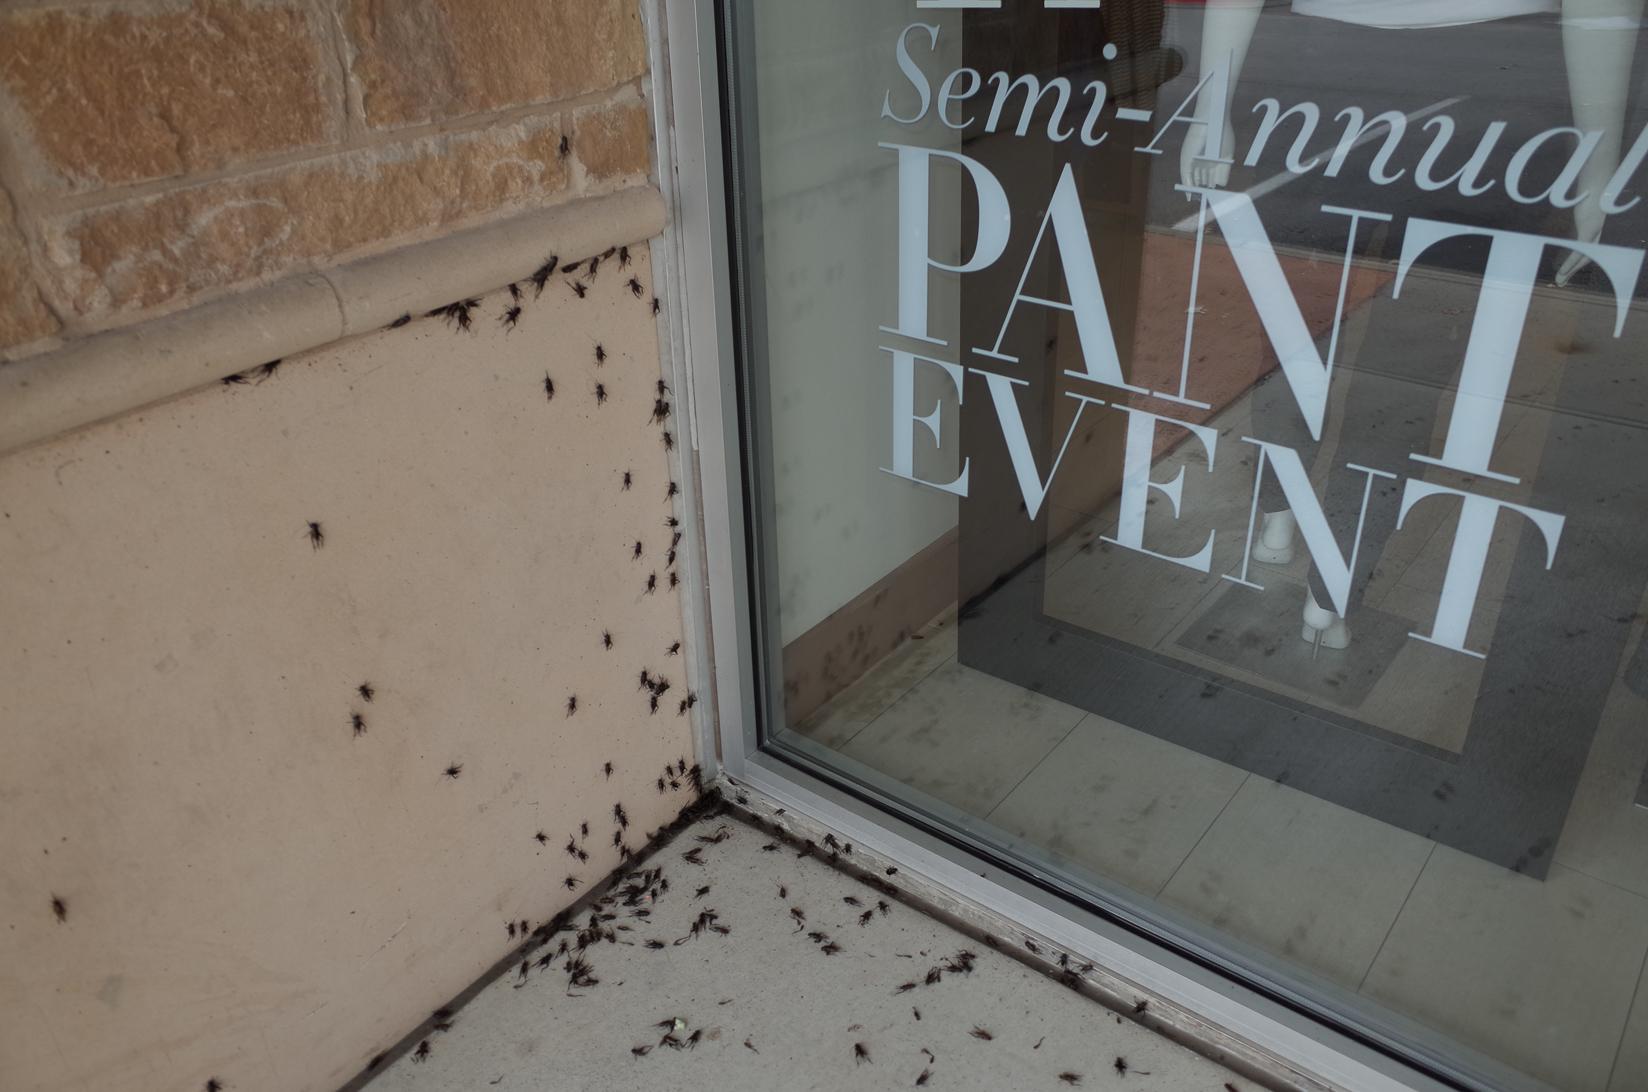 Bugs. Austin, Texas.